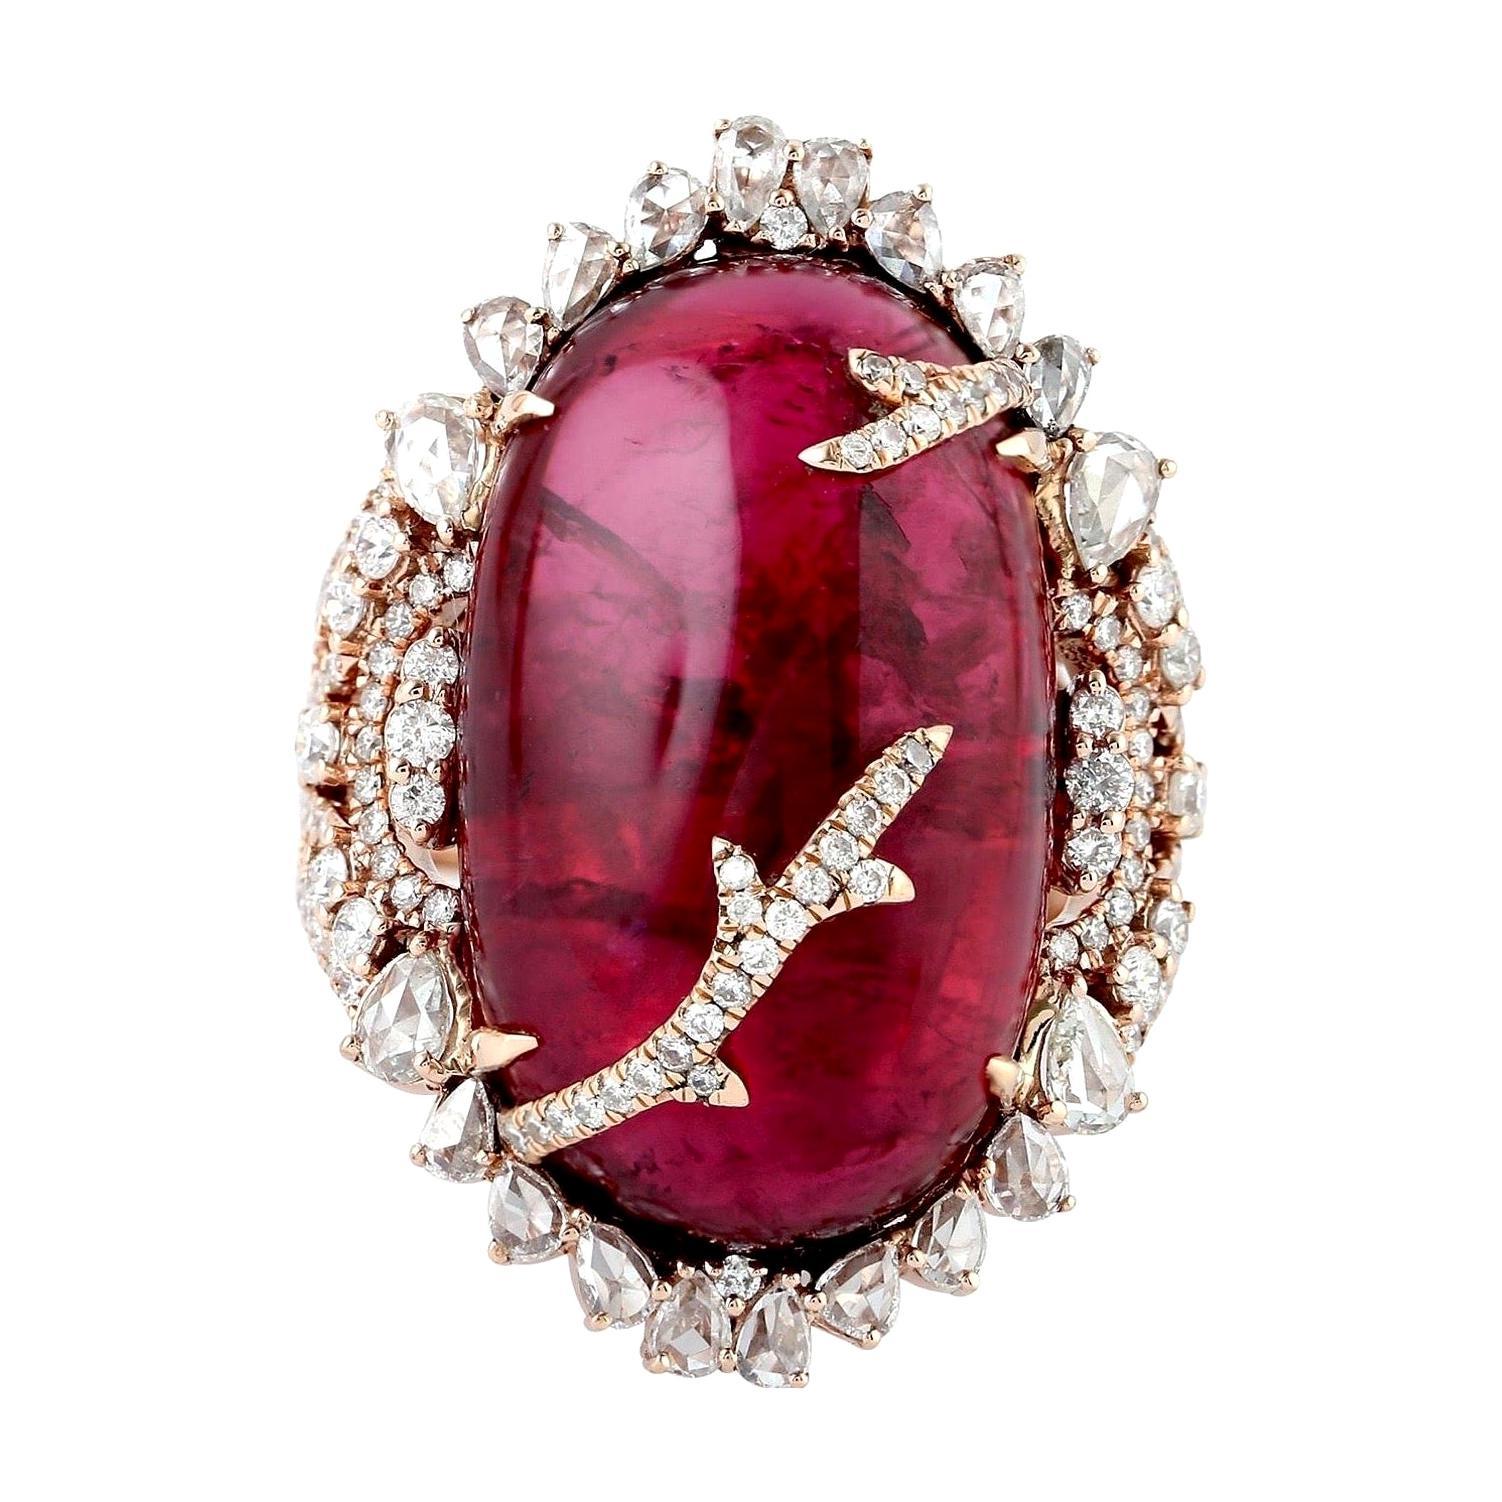 41.19 Carat Rubellite Diamond 18 Karat Gold Ring